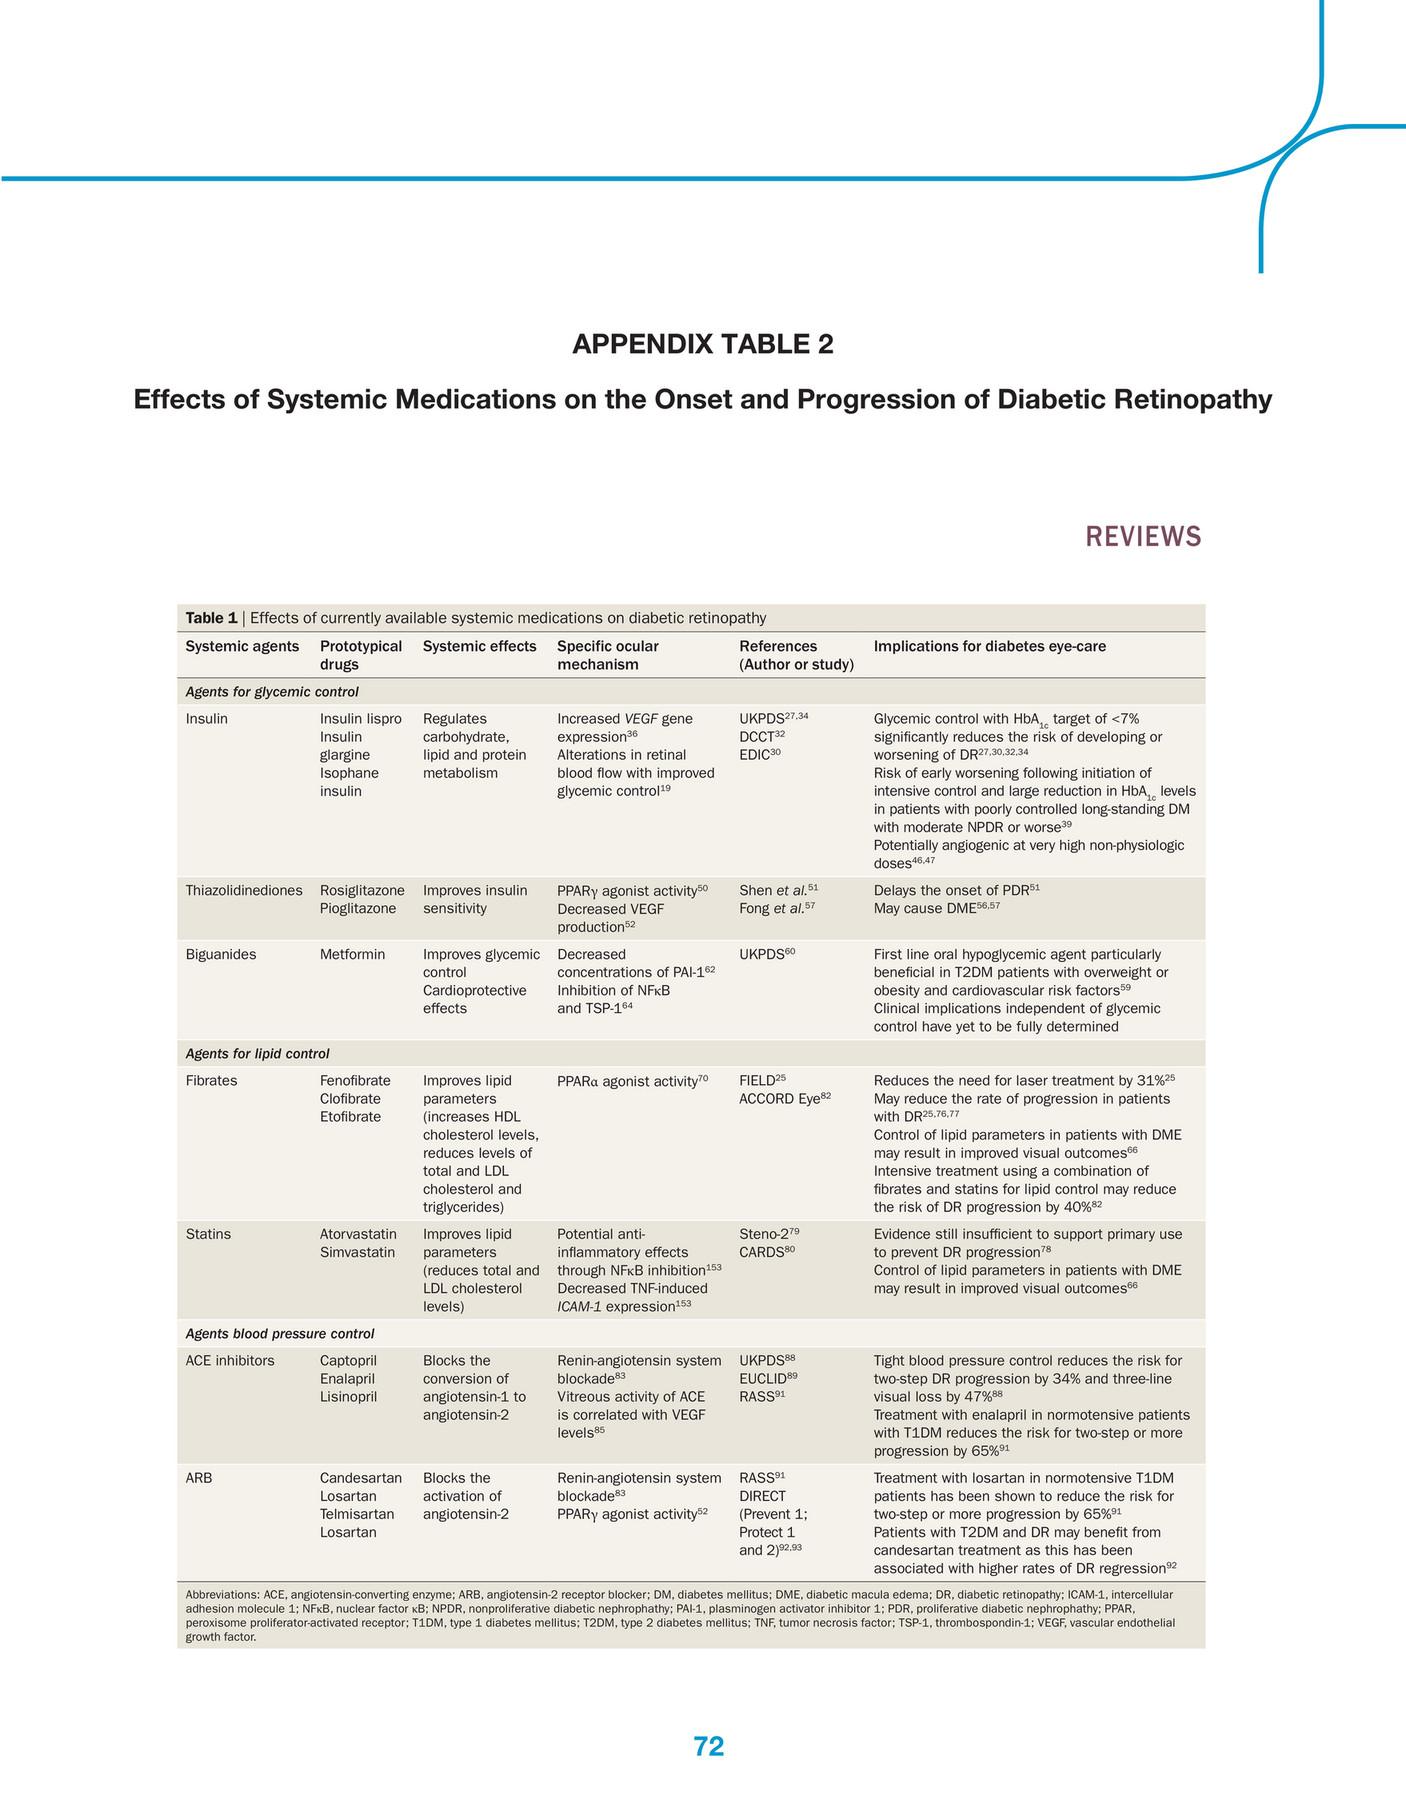 enalapril vs diabetes lisinopril